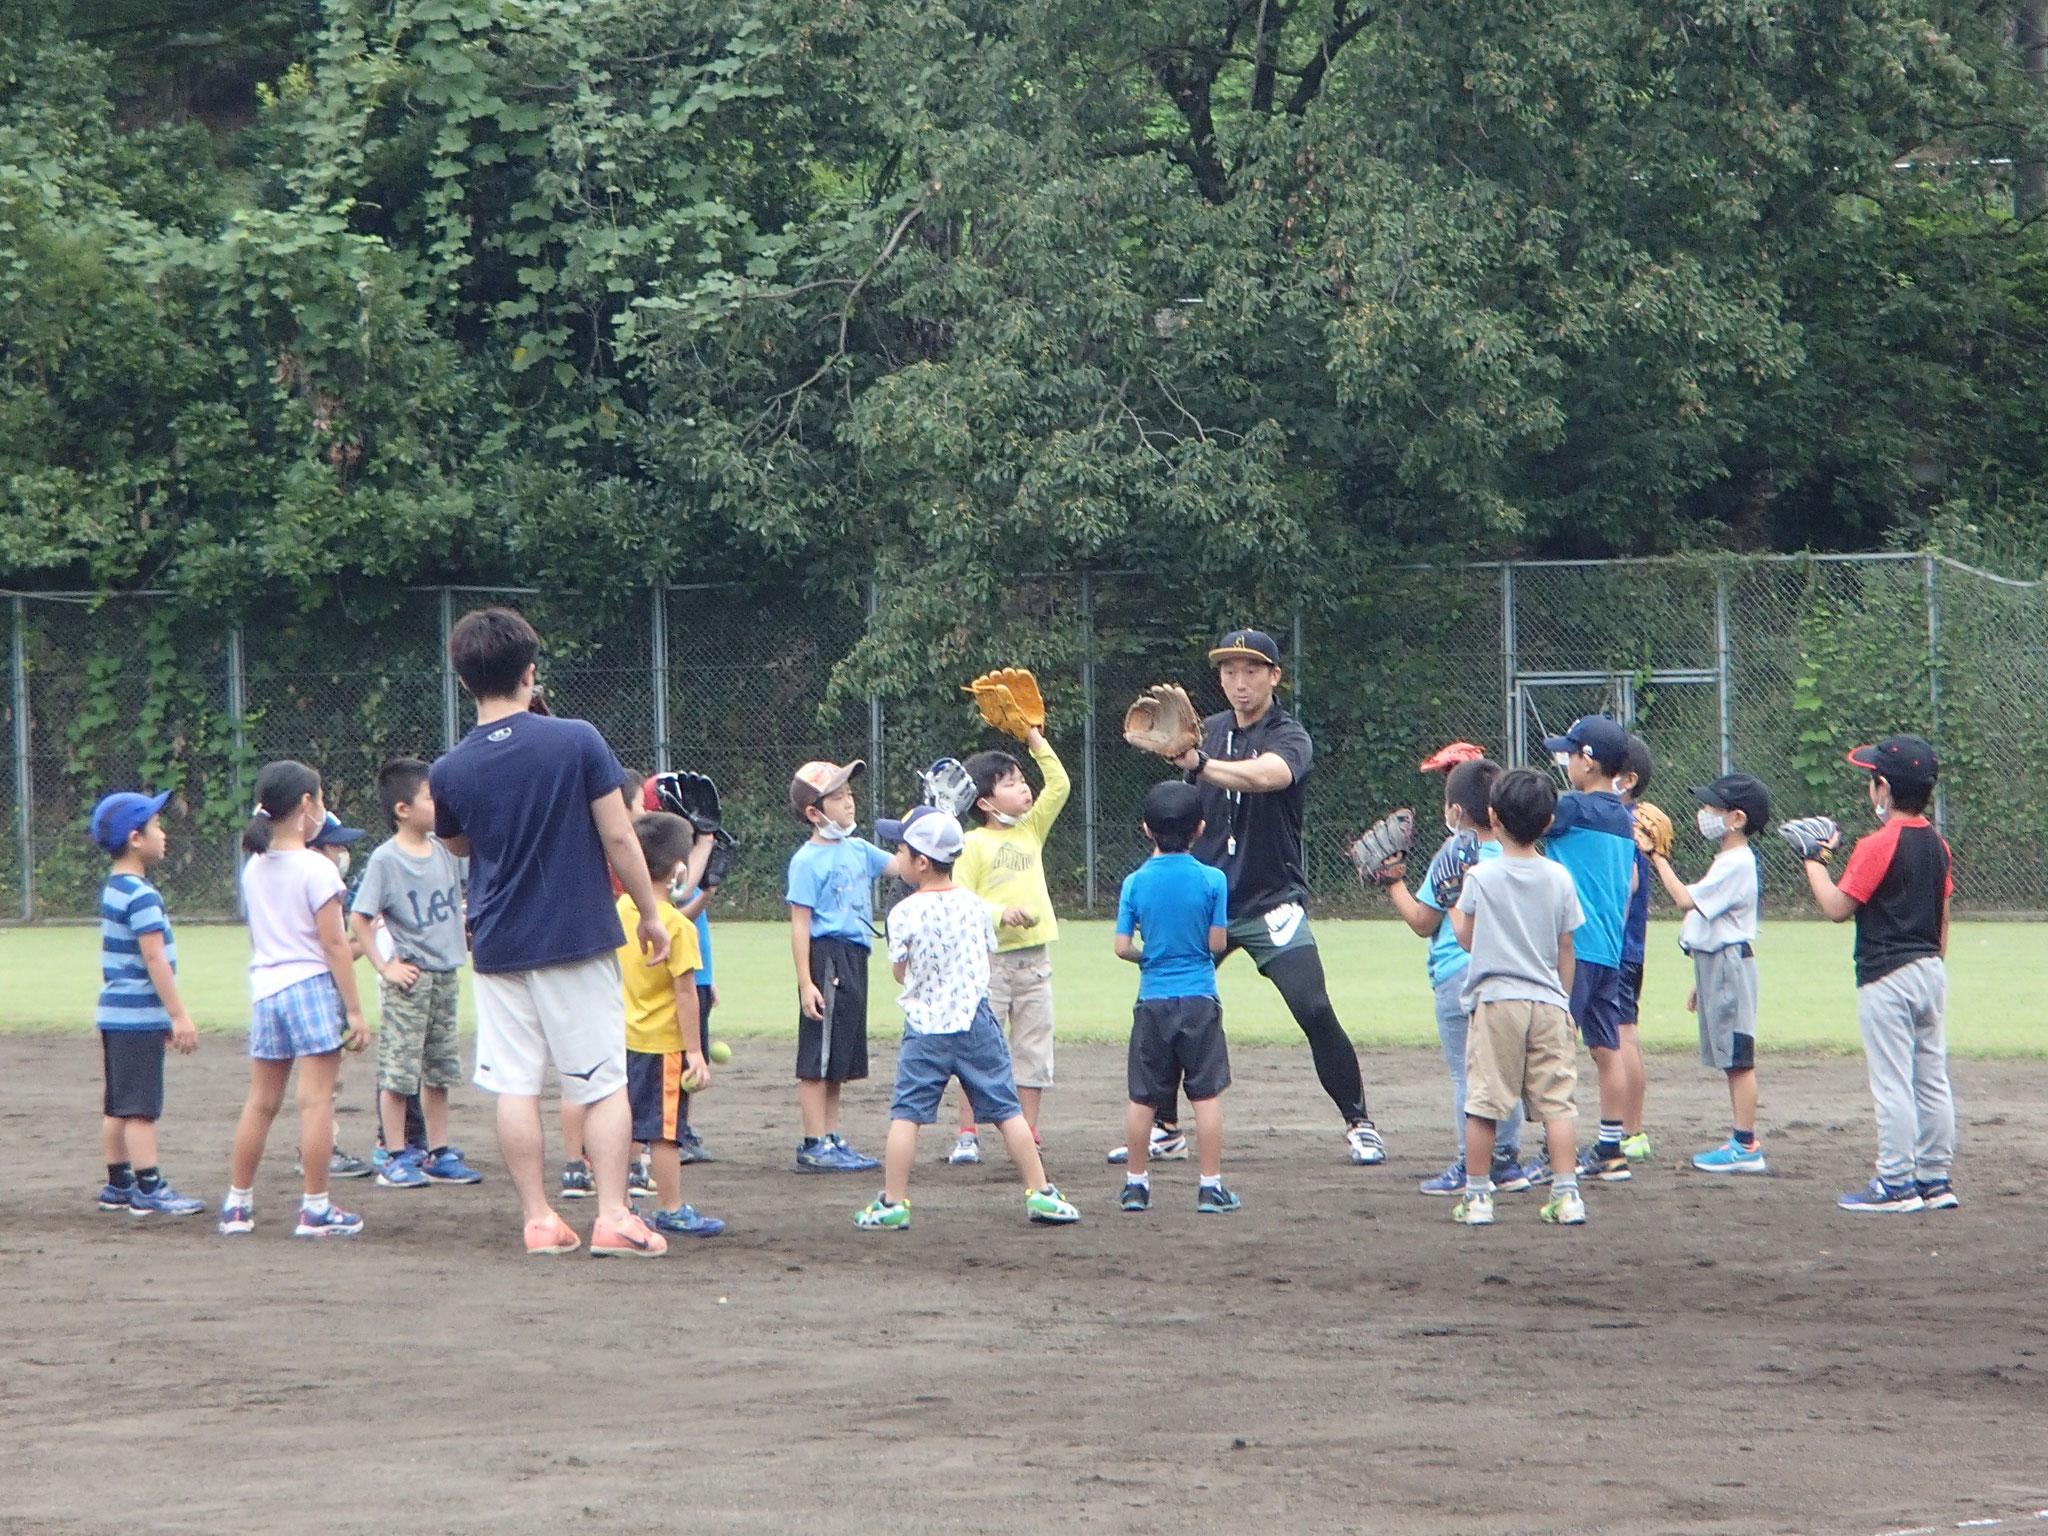 グローブでボールをキャッチする方法を学びました!